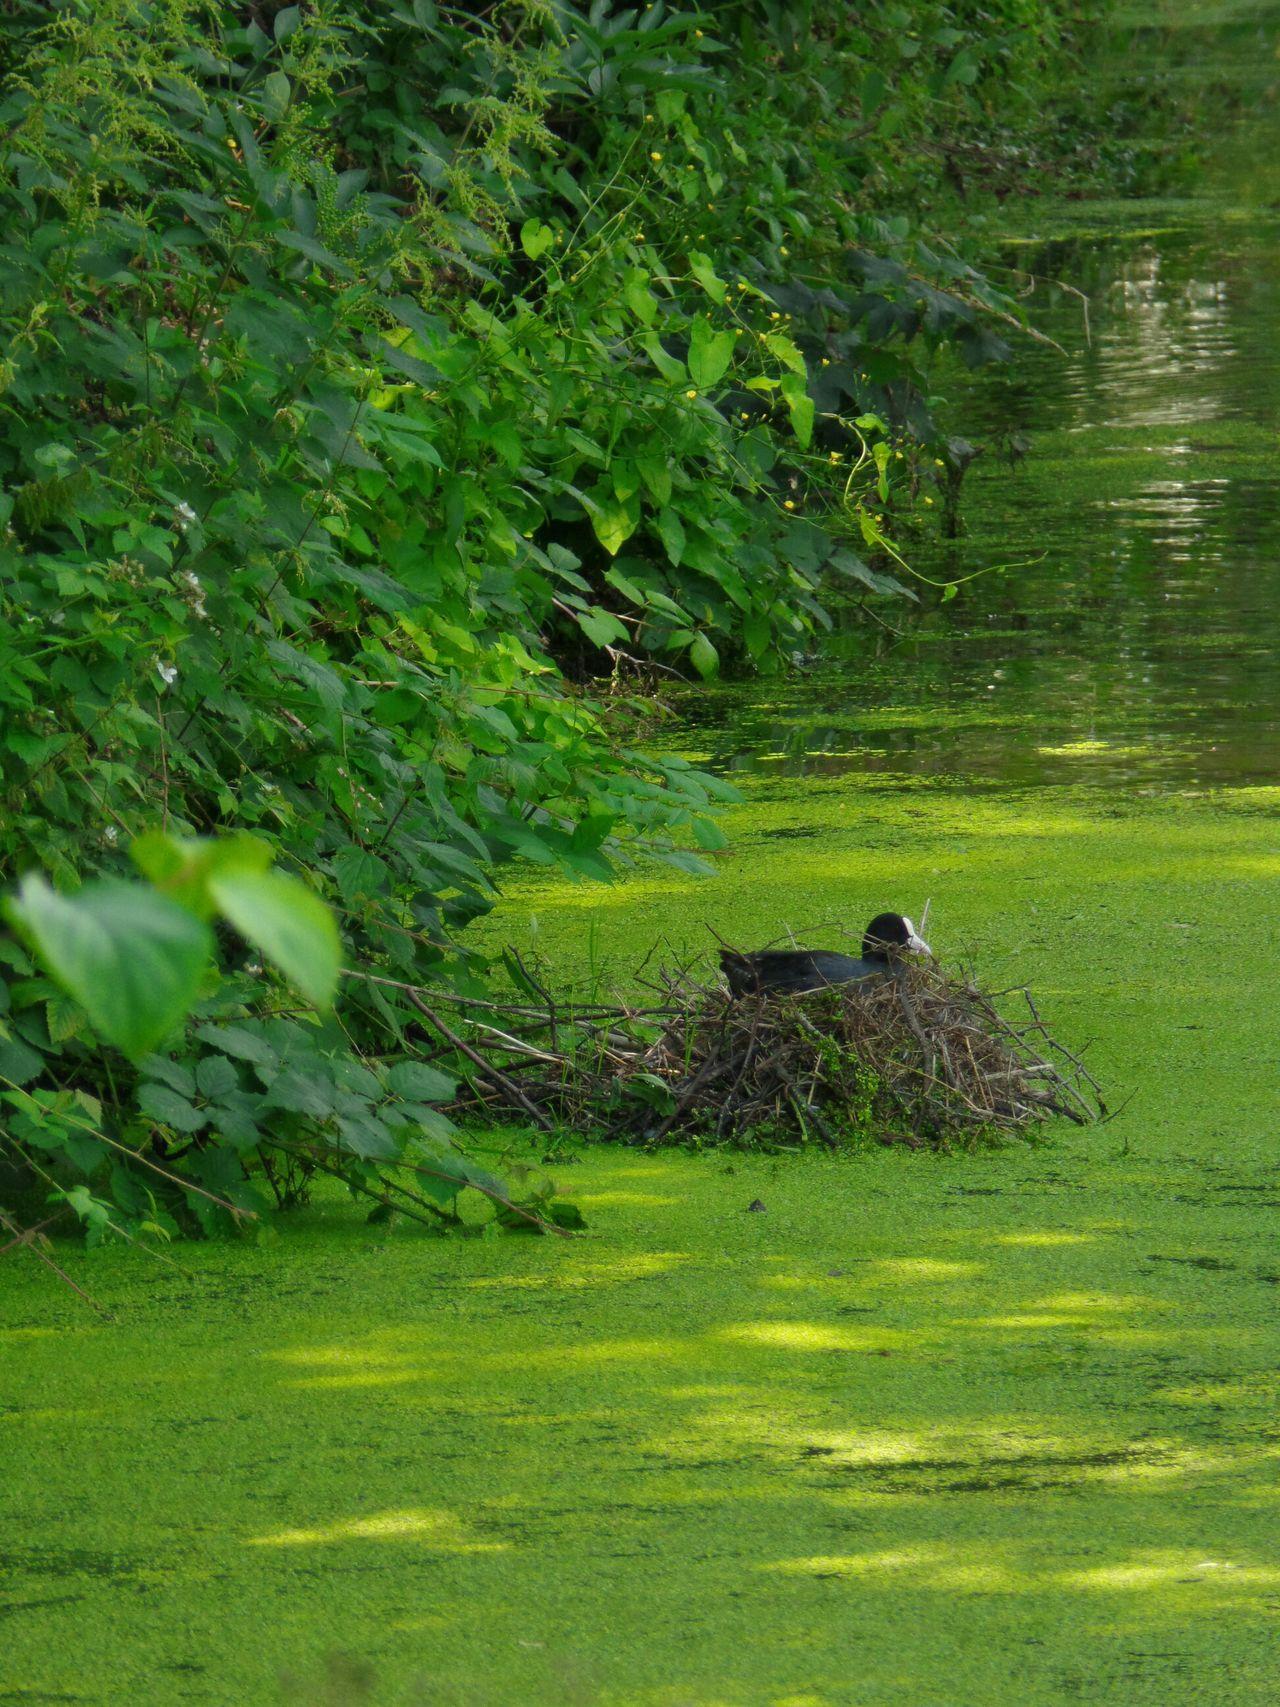 Landscape Birds Sliedrecht Netherlands ❤ Water And Nature Green Green Green!  Bird Animals Trees